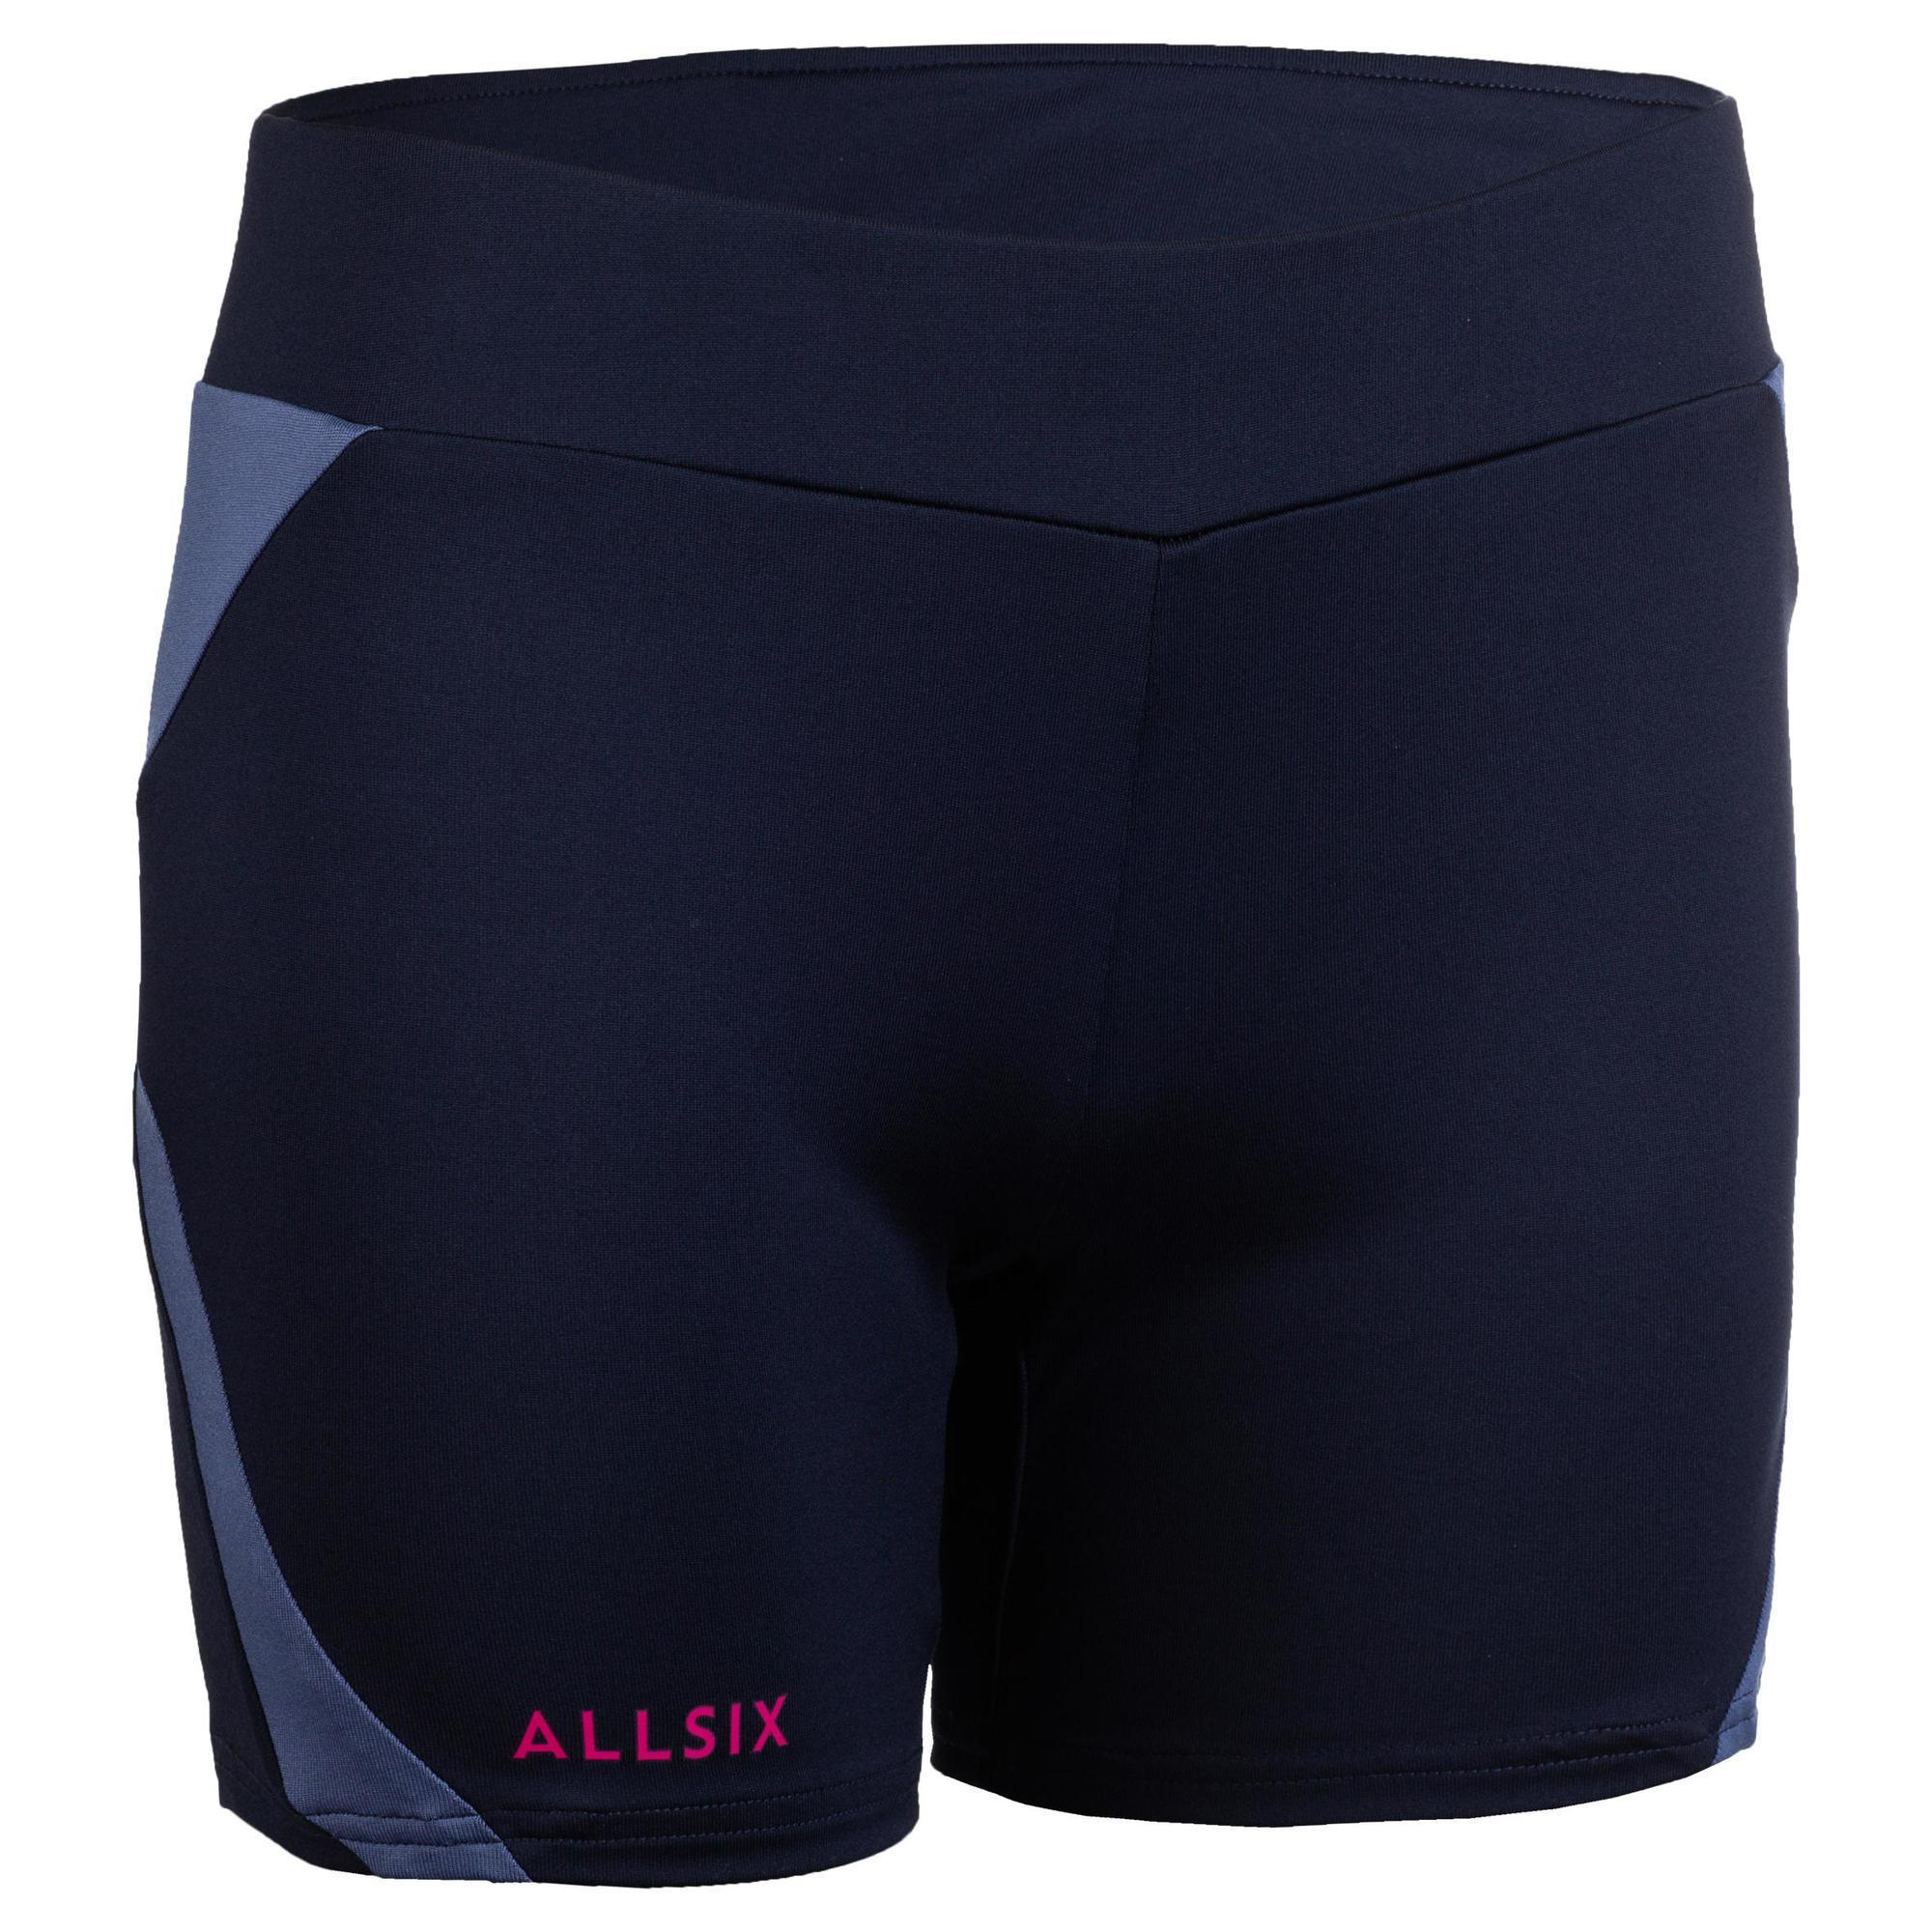 Short de volley ball femme v500 bleu marine allsix